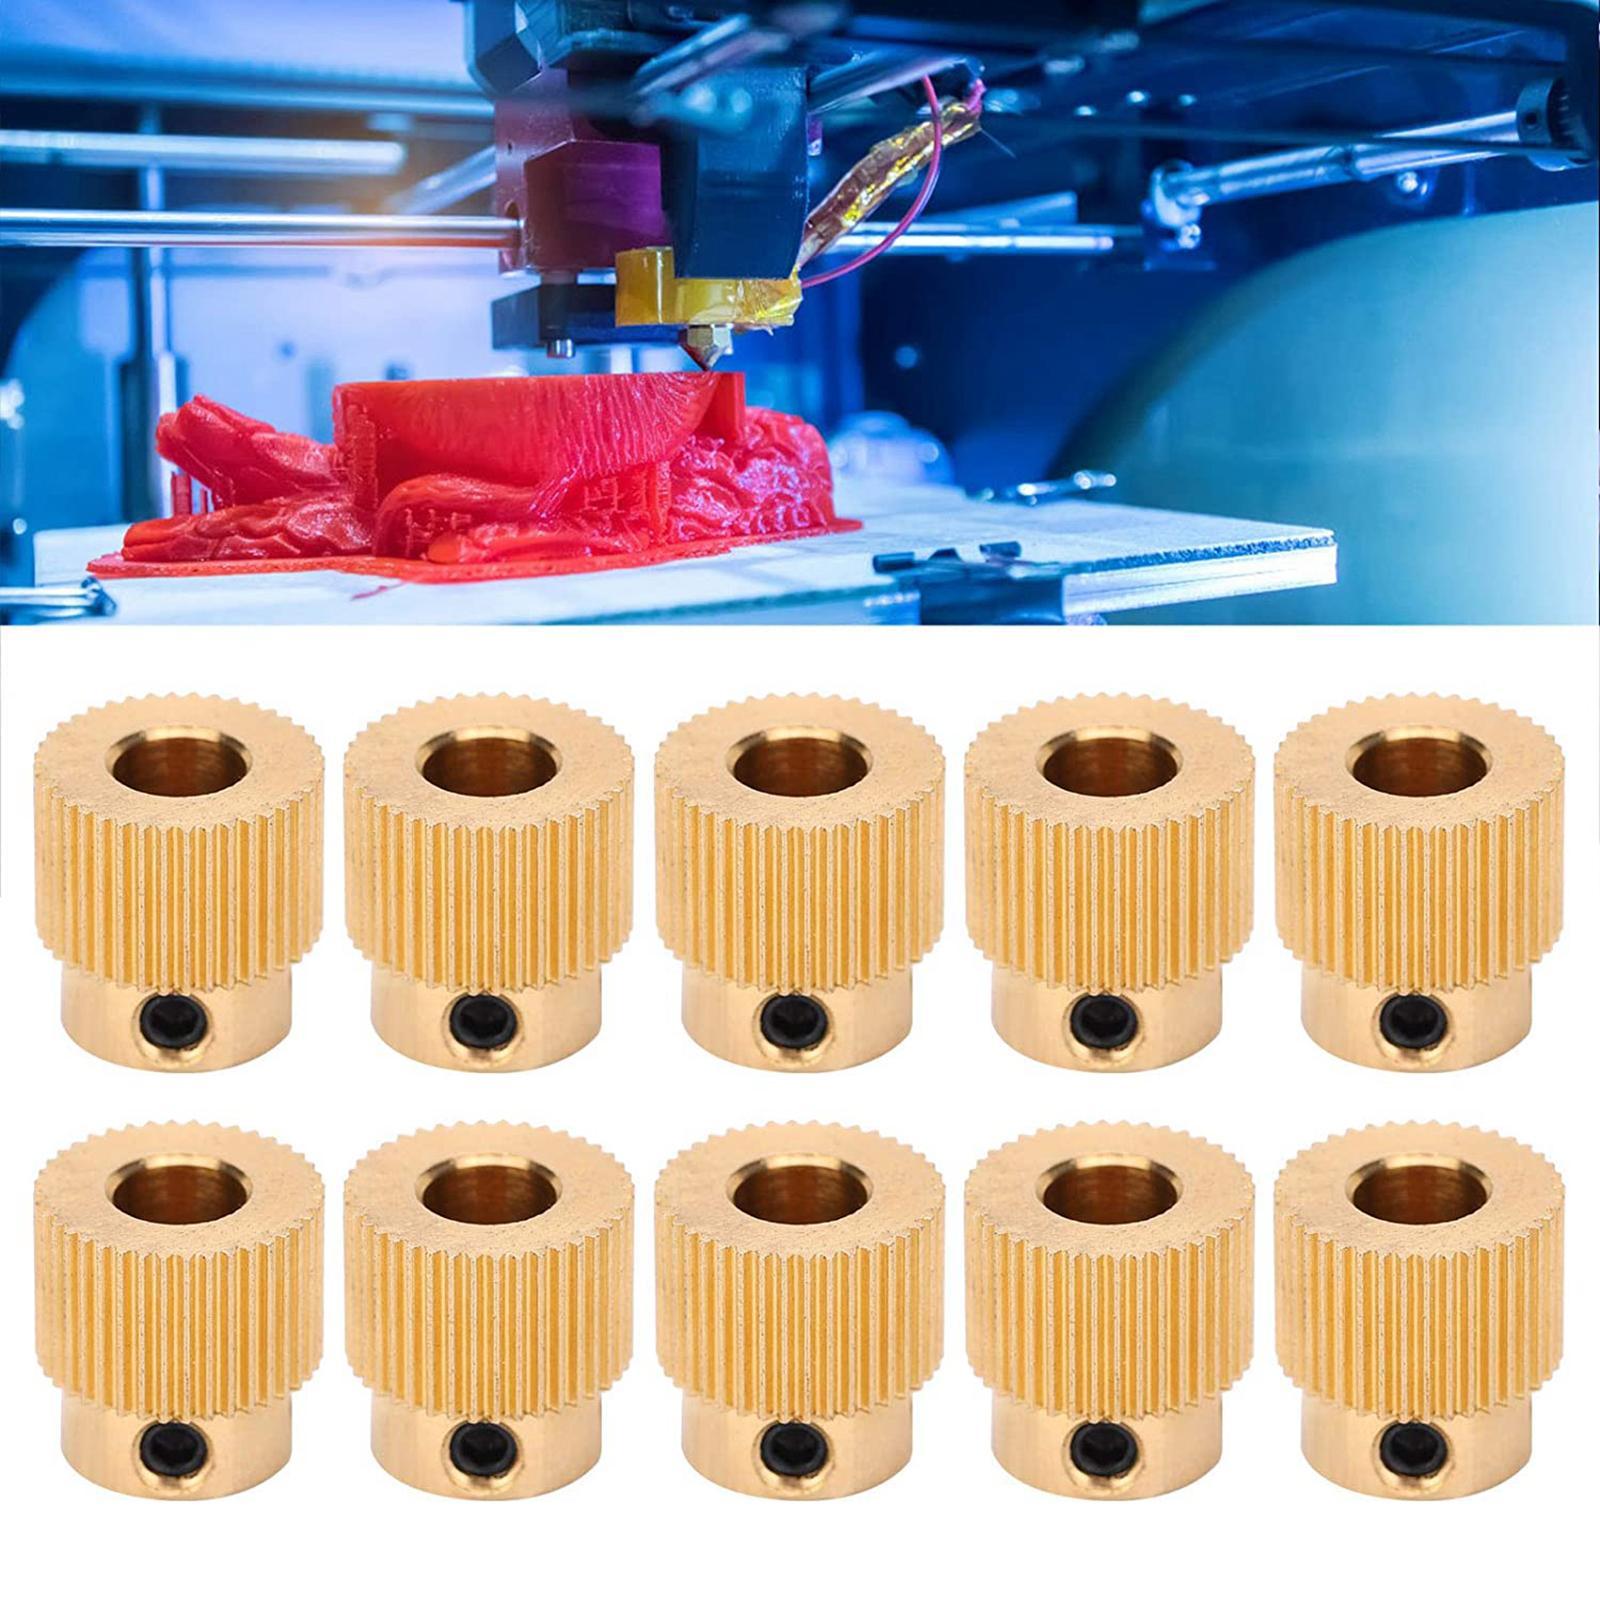 10PCS MK8 Extruder 3D Printer 40Teeth Brass Drive Gear 1.75mm & 3mm Filament